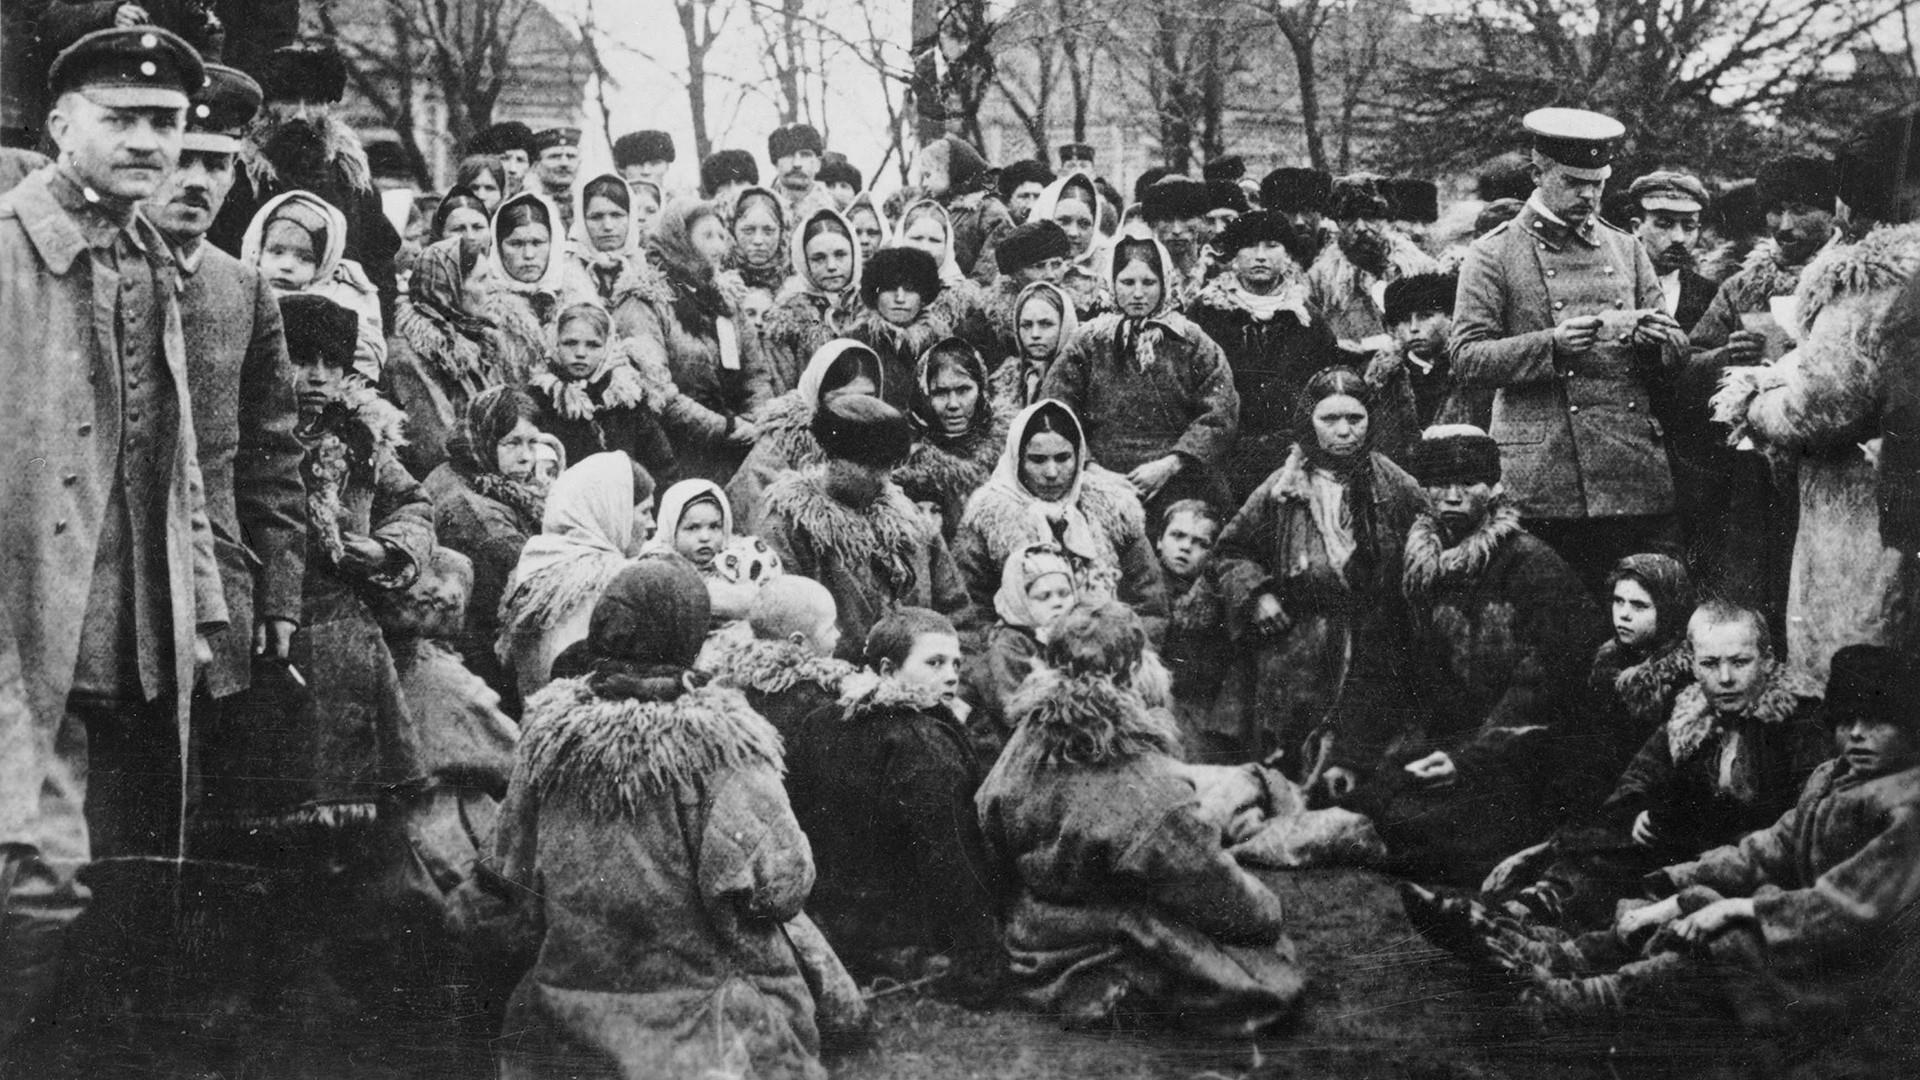 20世紀初頭は、ロシアのユダヤ人にとって厳しい時代だった。